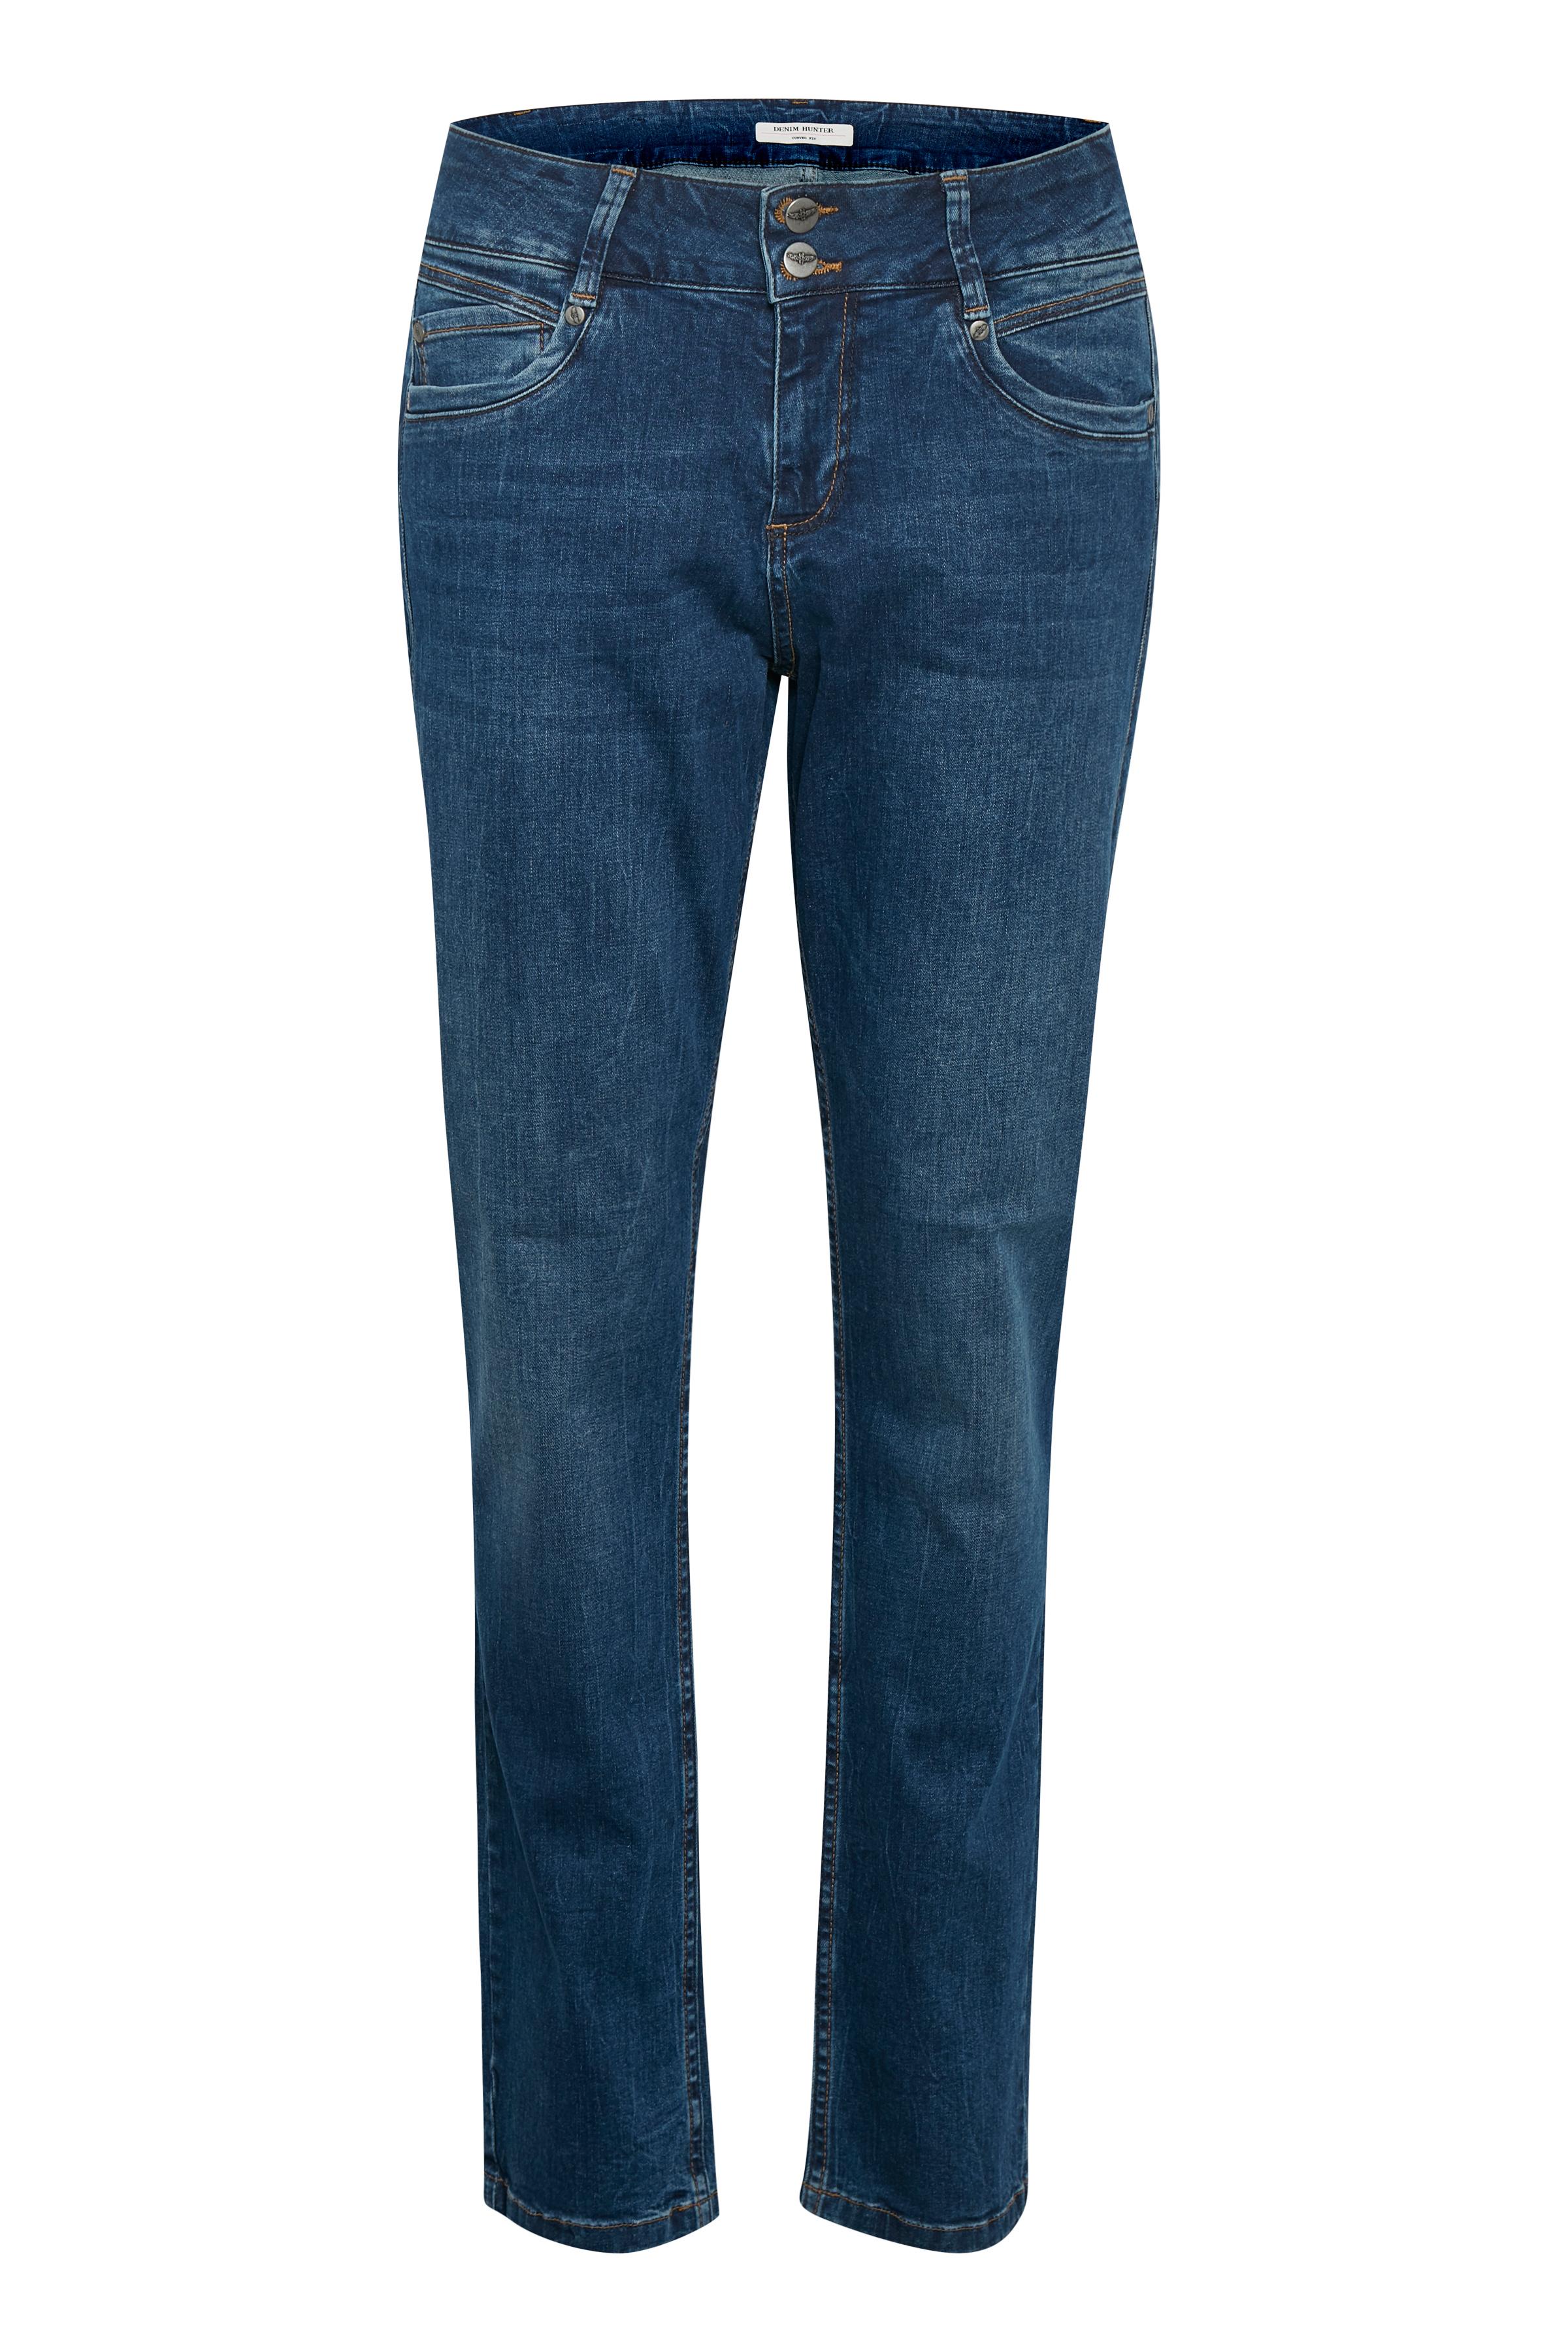 Image of Denim Hunter Dame Rose denim bukser - Mørk denimblå